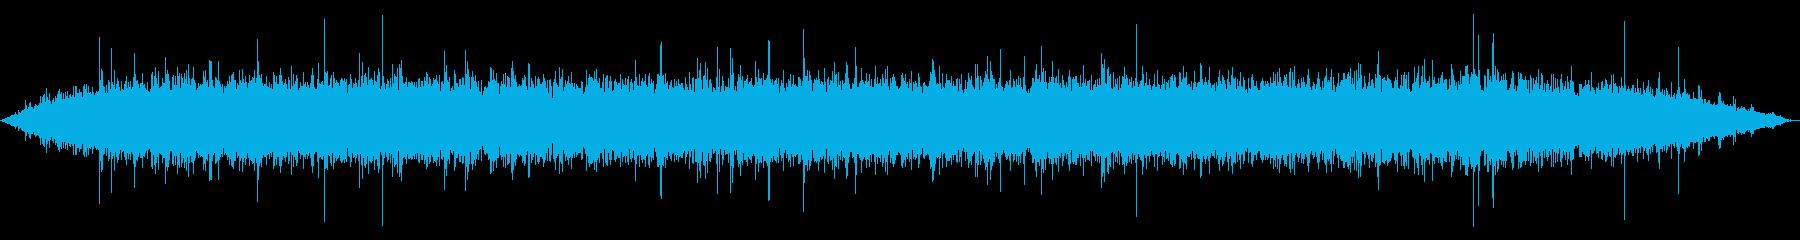 油で揚げる 長め(ジュワー+パチパチ)の再生済みの波形